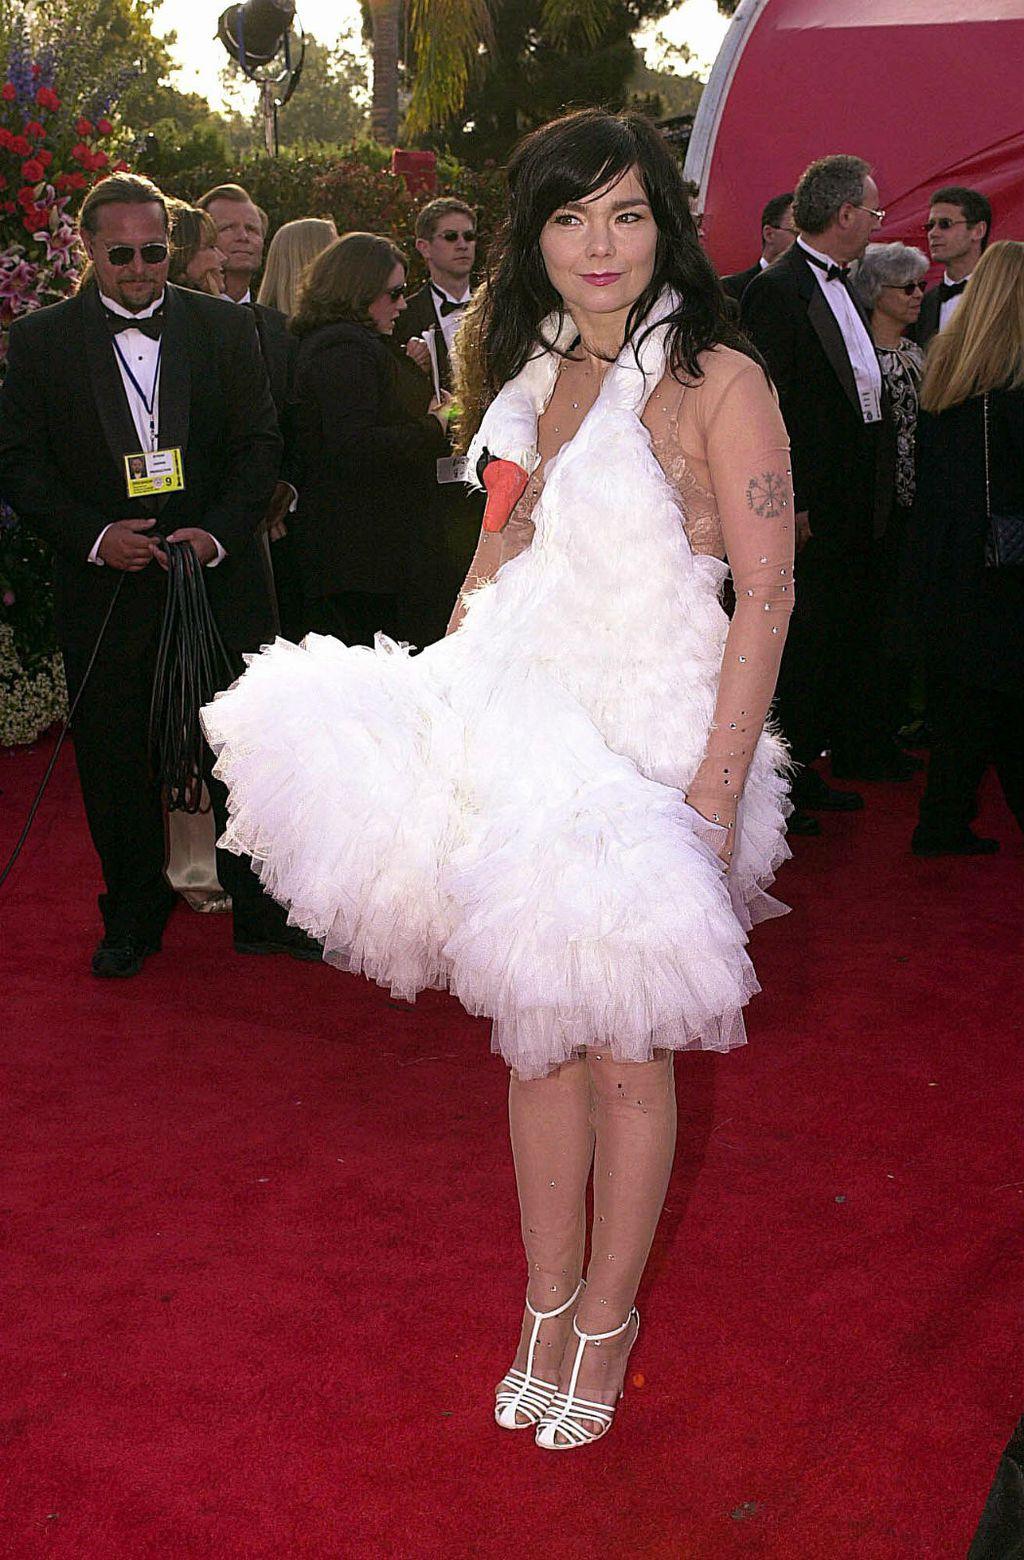 Pjevačica Björk na dodjeli Oscara u haljini u obliku labuda